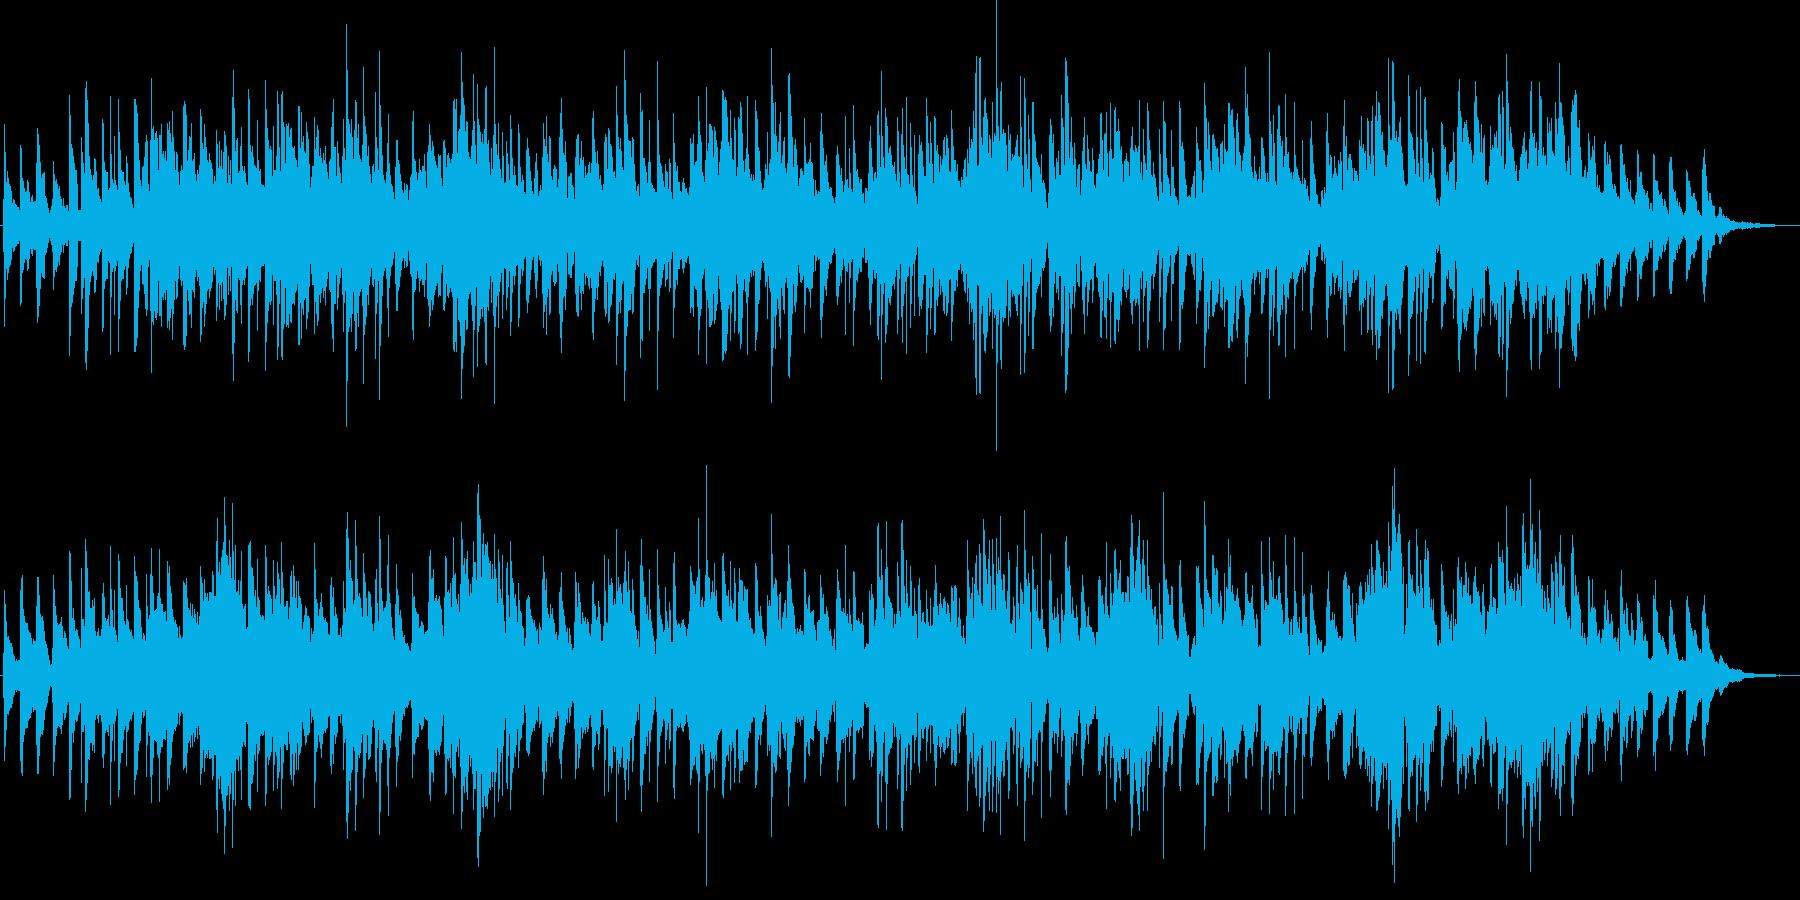 南の島の雰囲気の笛のBGMですの再生済みの波形